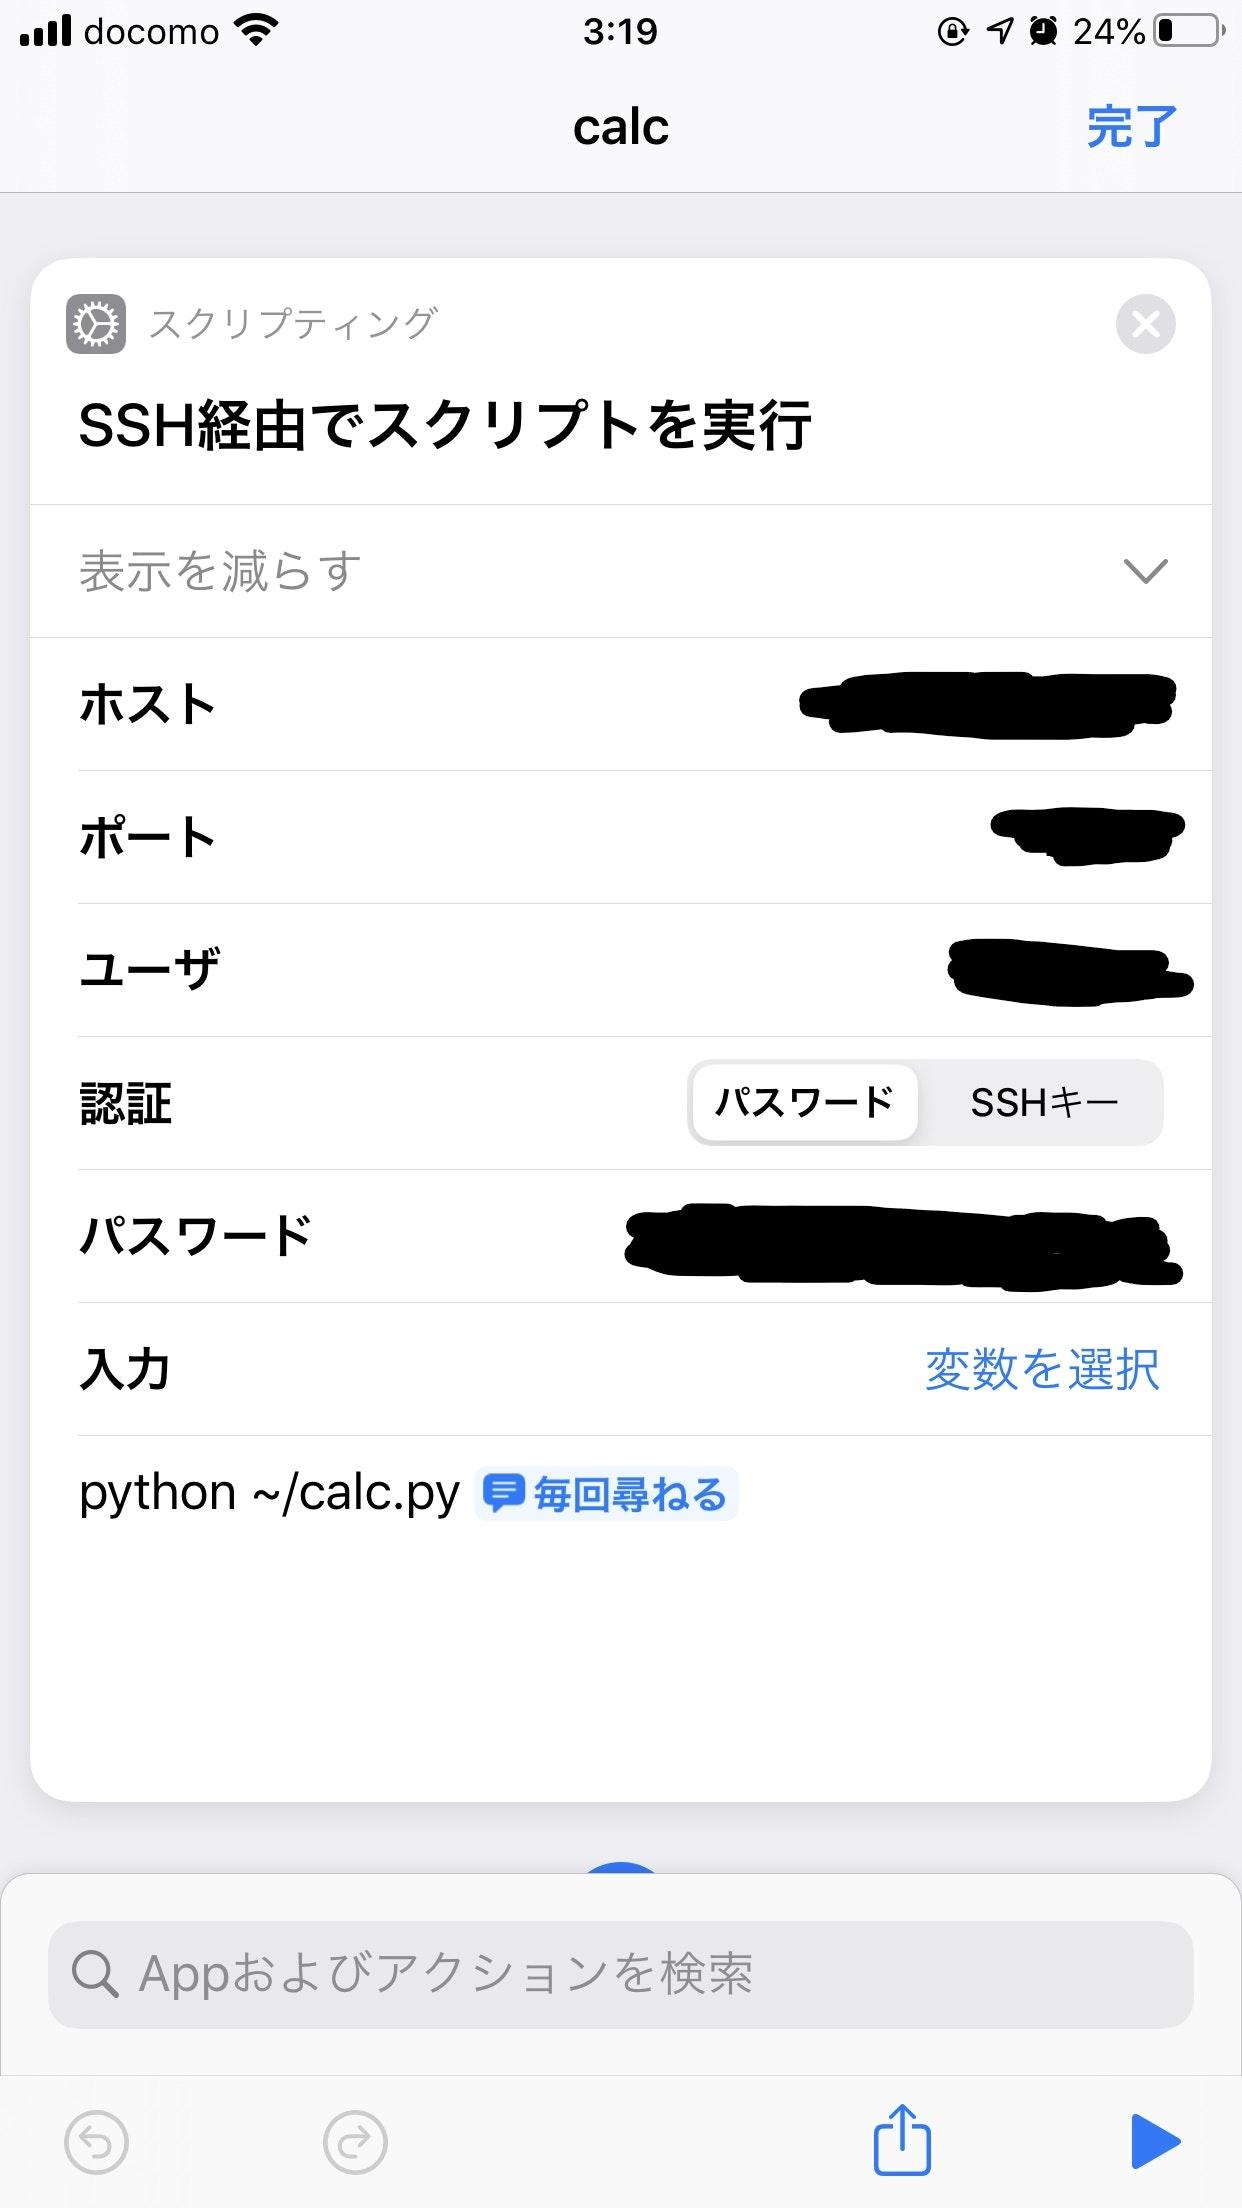 InkediOS の画像 (3)_LI.jpg